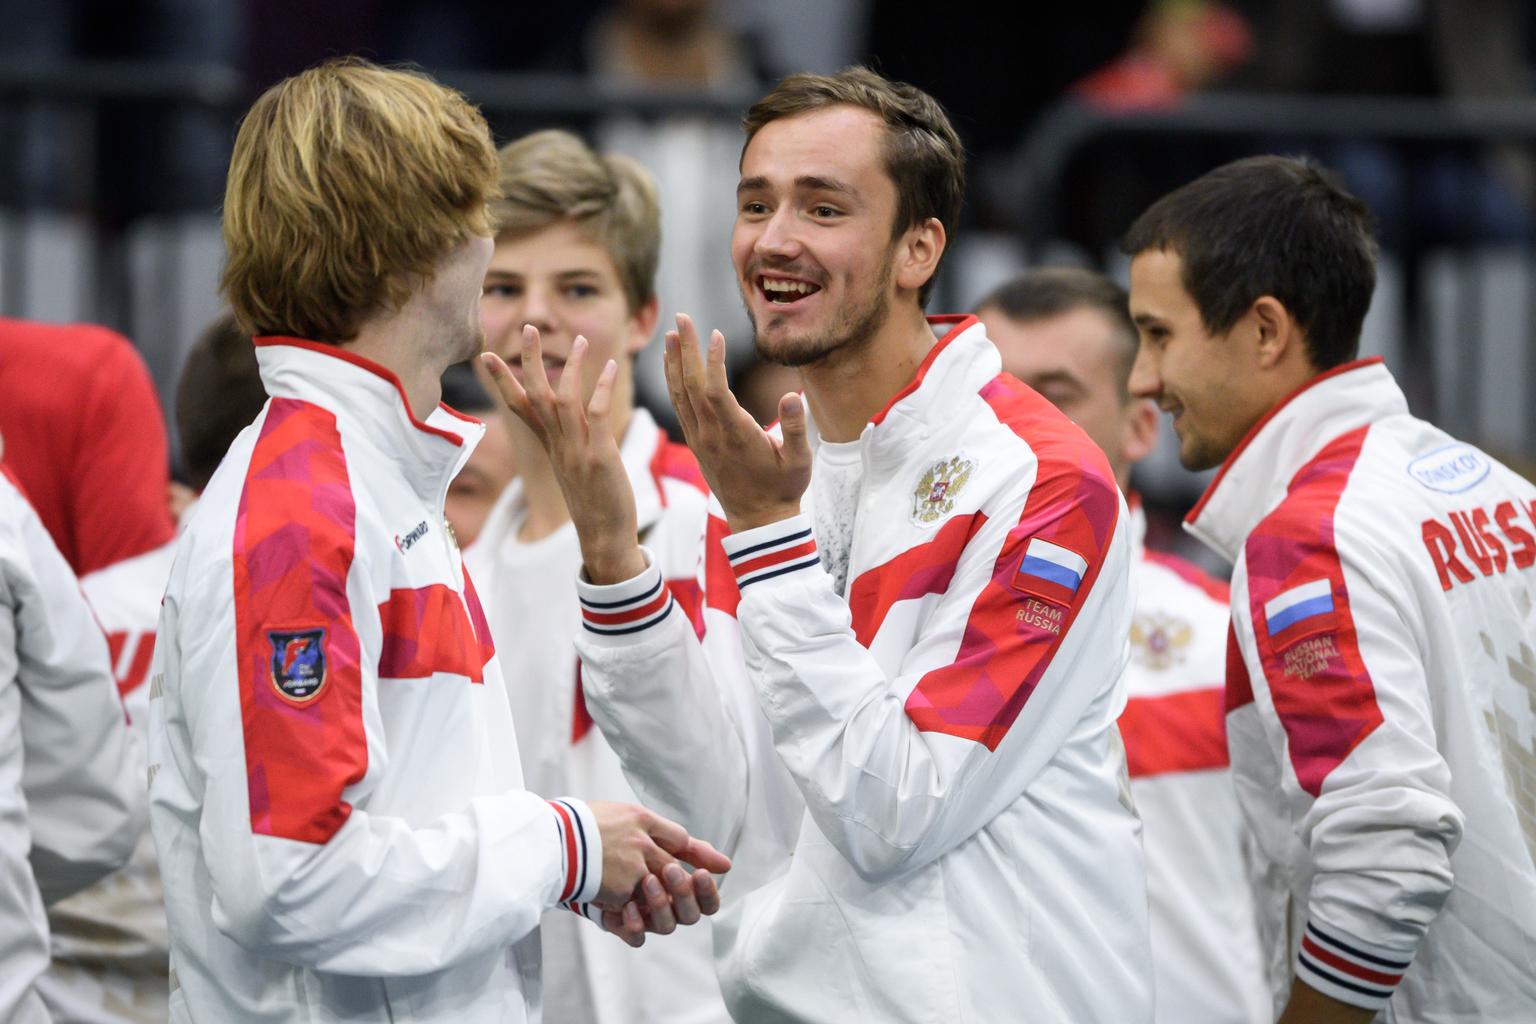 Medvegyev, Hacsanov, Rubljov összeállítású válogatottat a Davis Kupa egyik fő esélyesének tartják #moszkvater